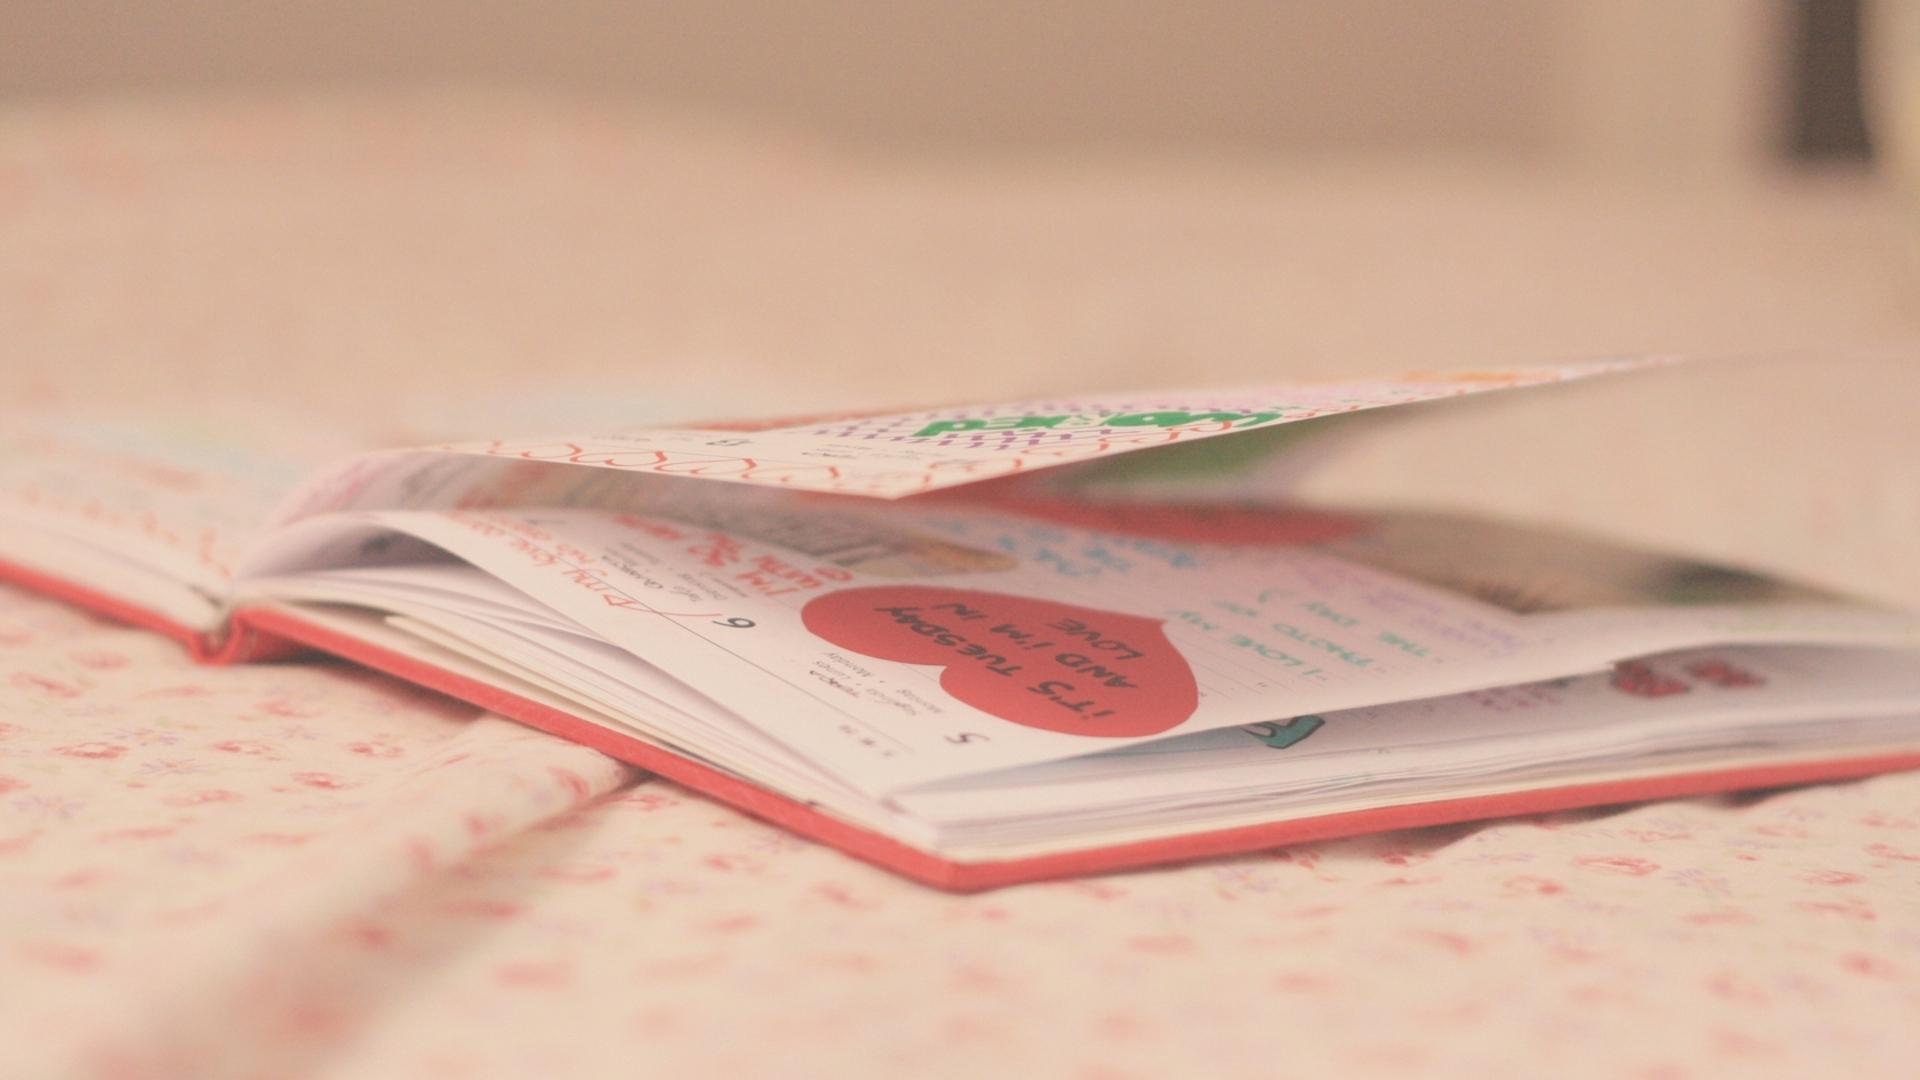 Красивые картинки на рабочий стол про Любовь и Чувства - подборка №2 18